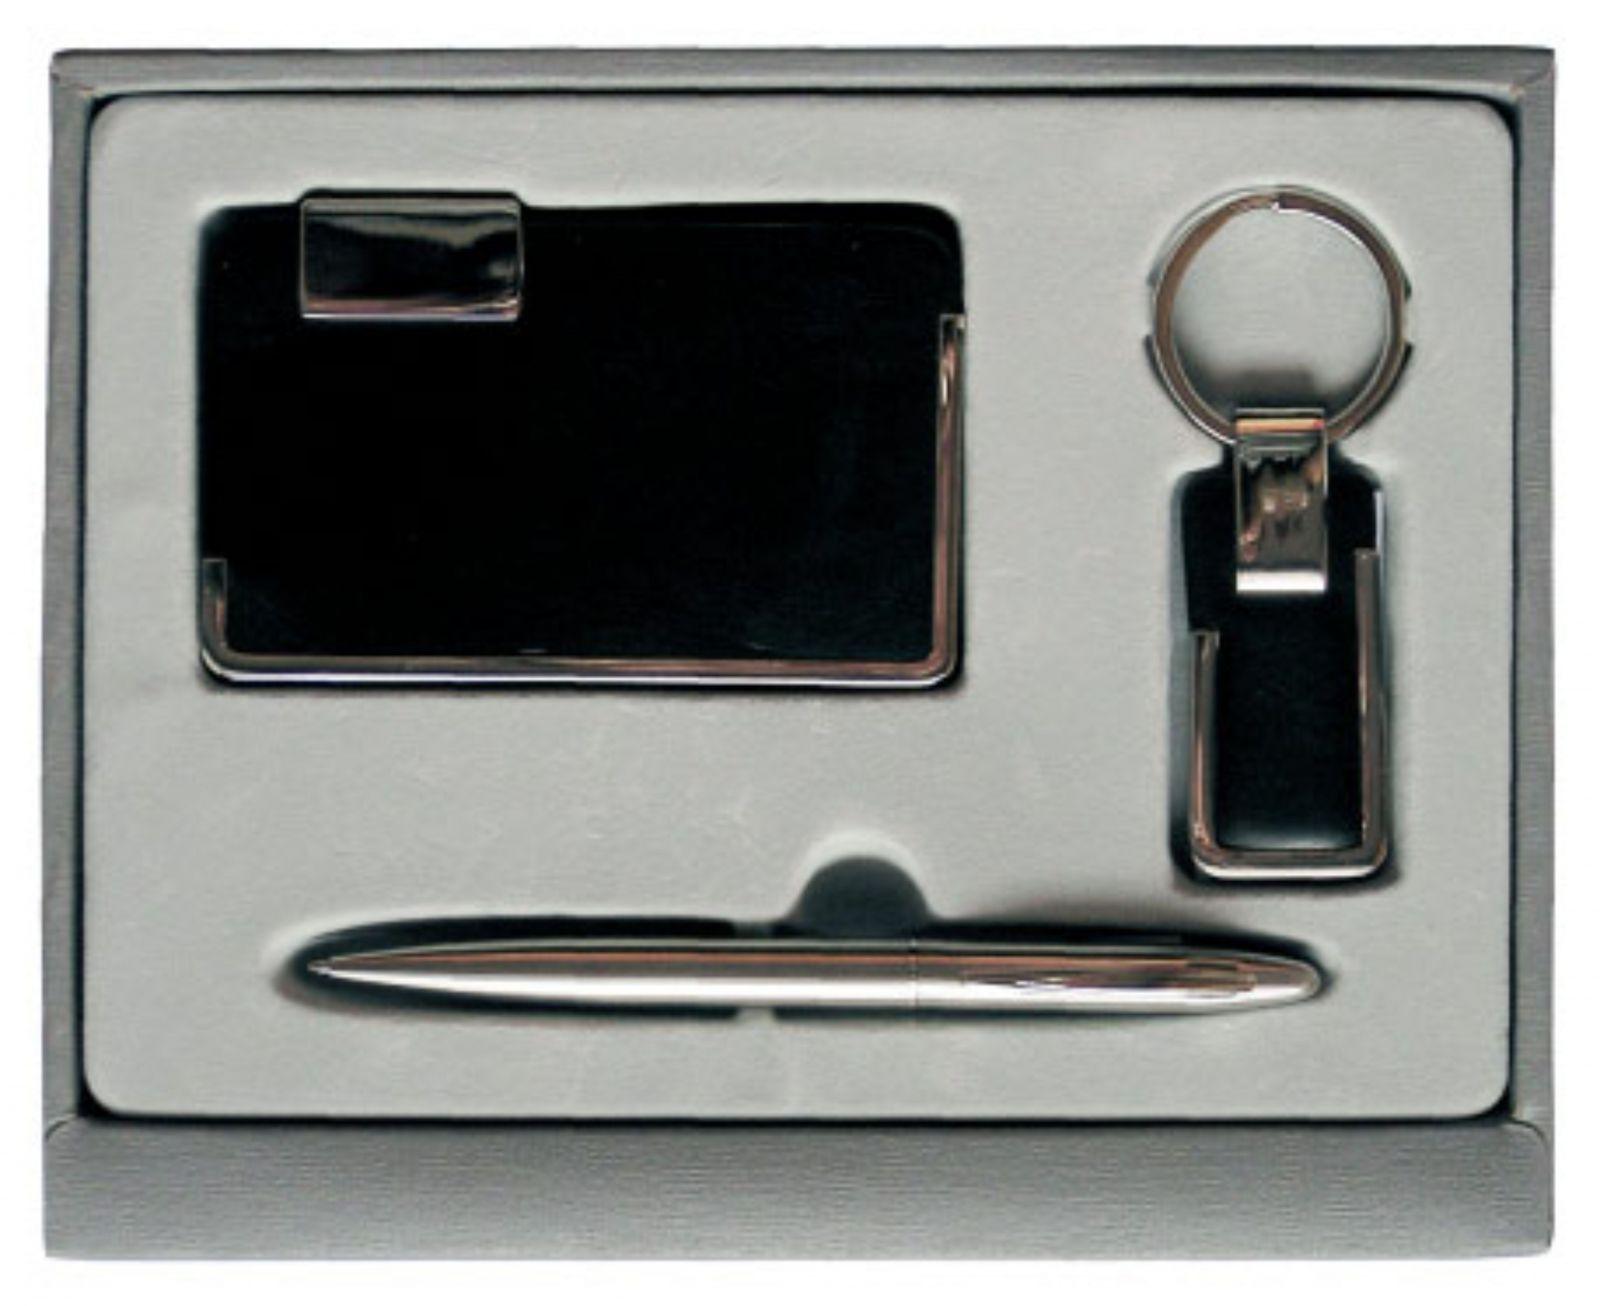 Dárková sada obsahuje vizitník, propisku a klíčenku.